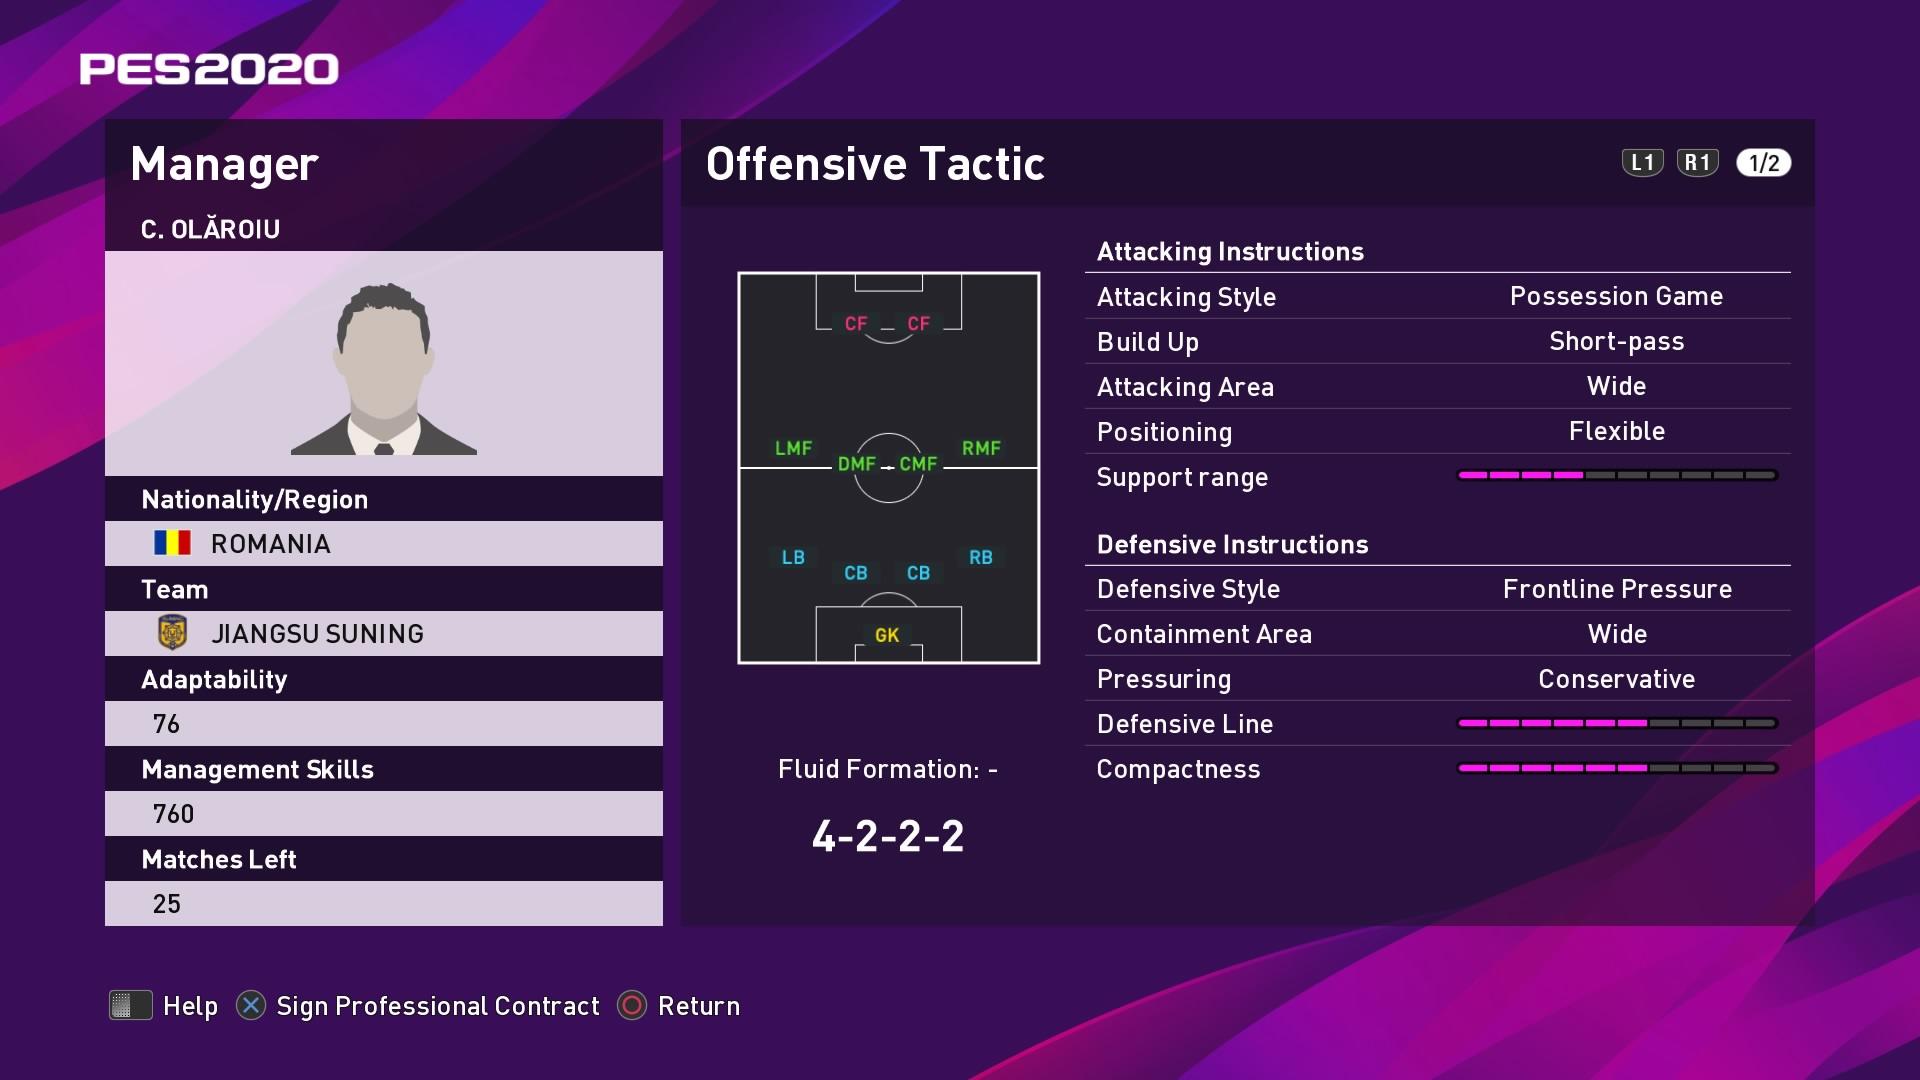 C. Olăroiu (Cosmin Olăroiu) Offensive Tactic in PES 2020 myClub